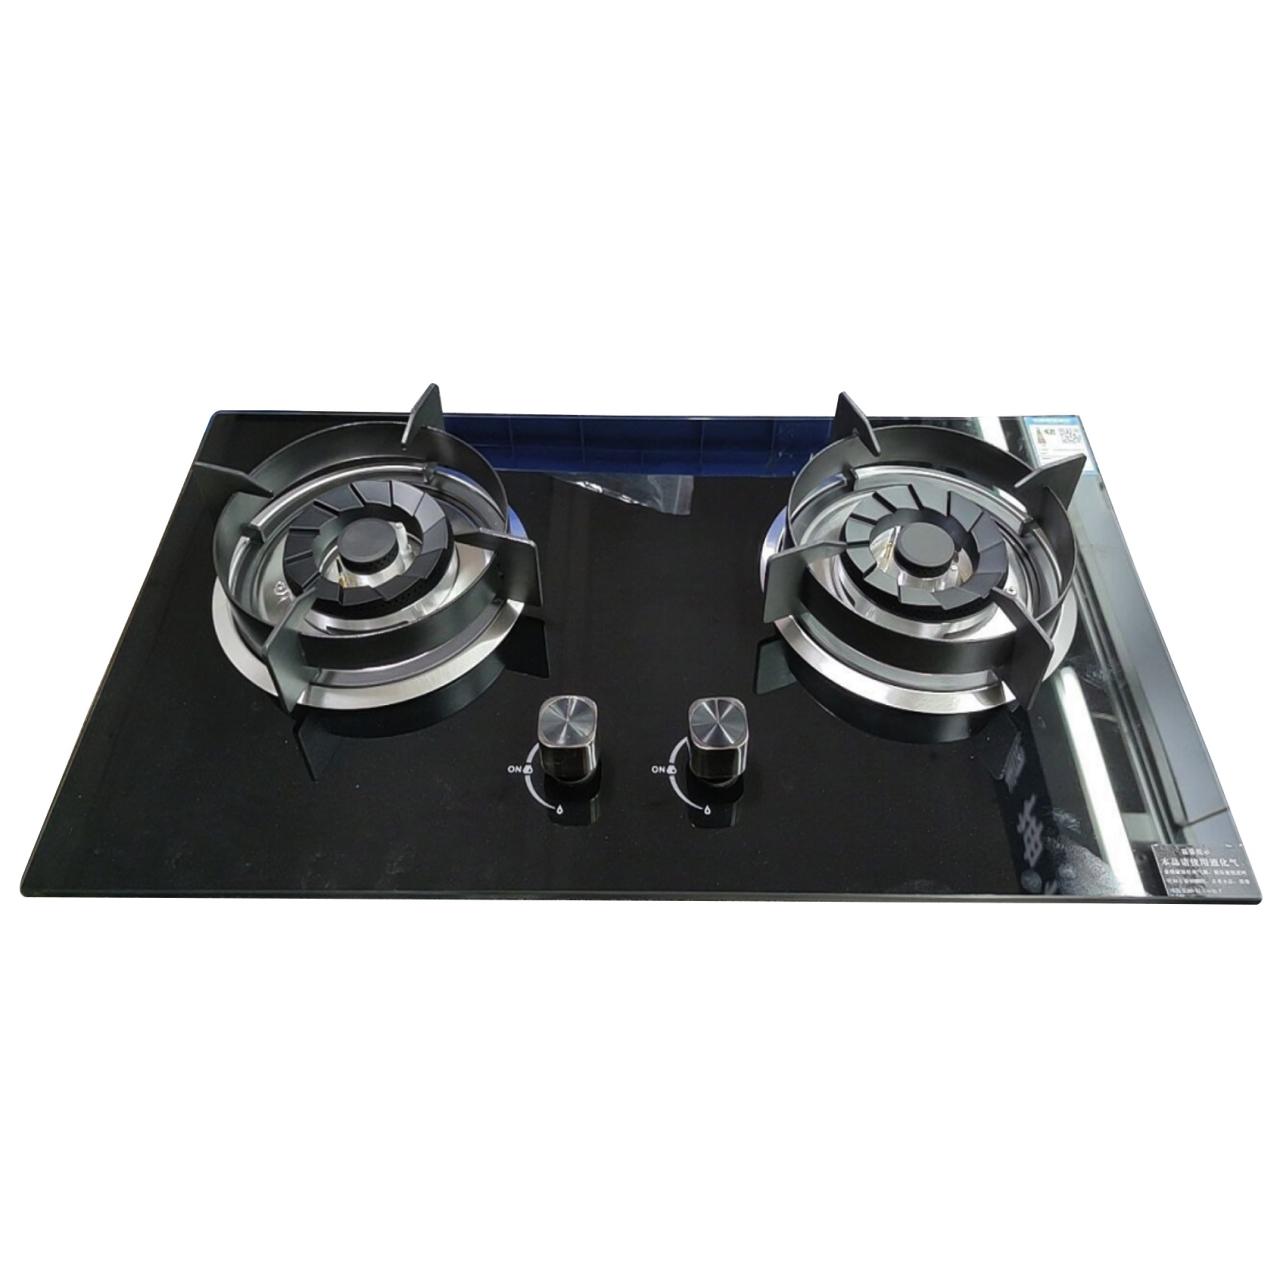 K2-Q2G047R厨房高档灶具